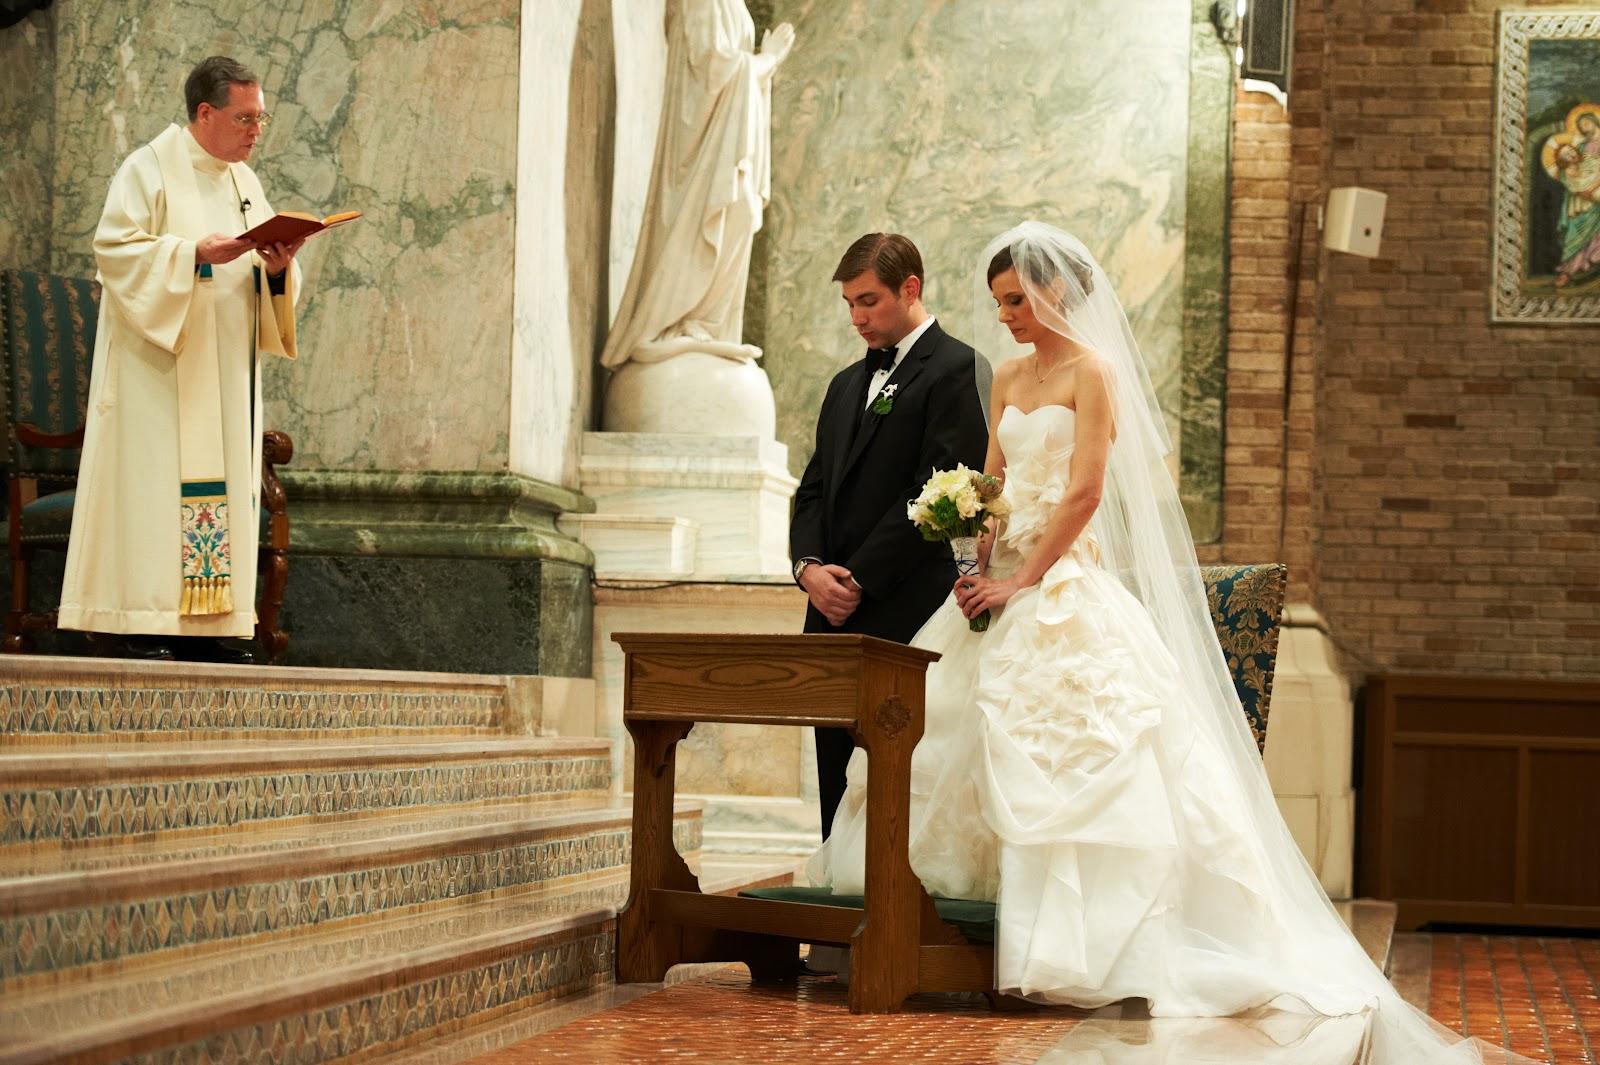 Matrimonio (Repertorio)